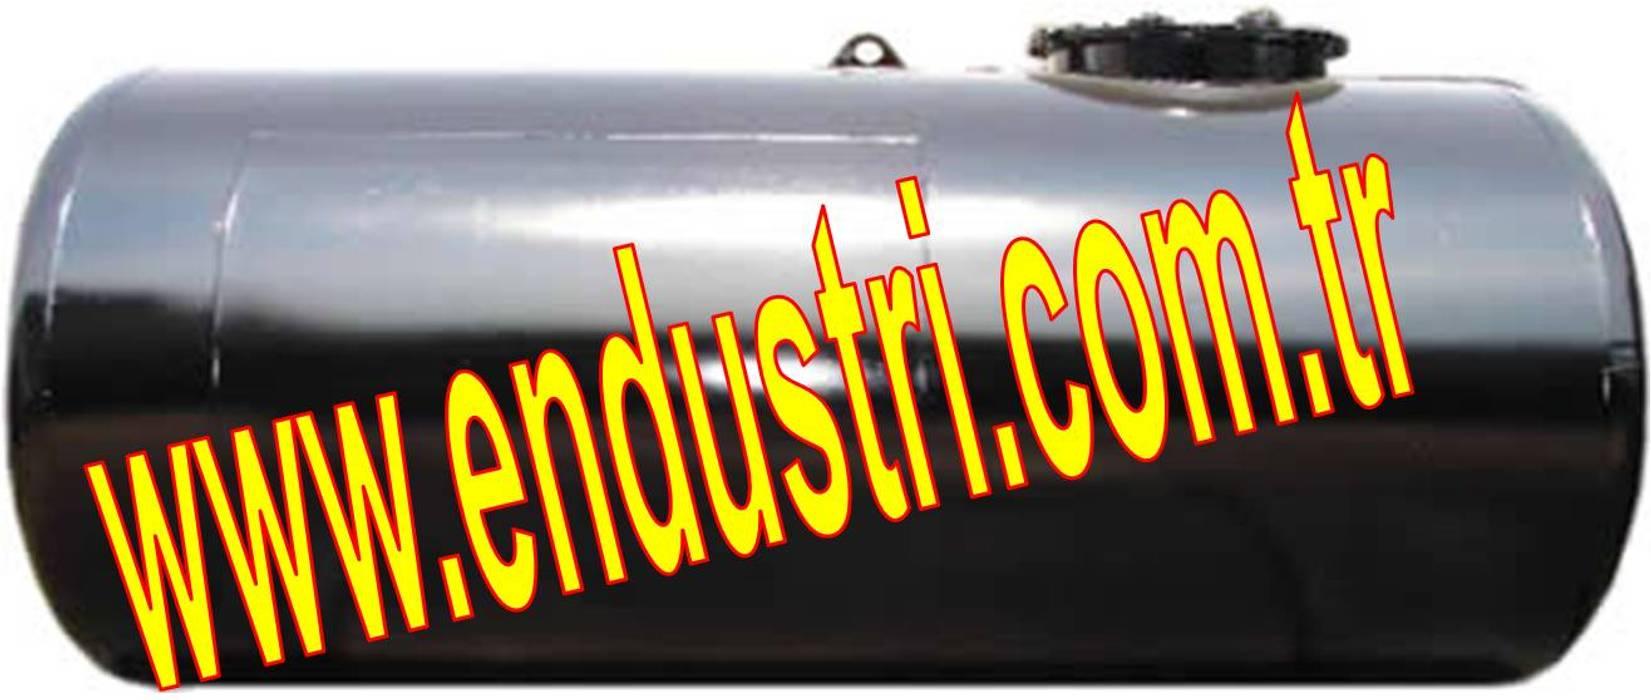 ENDÜSTRİ GRUP-Akar yakıt fuel oil benzin mazot motorin depolama tankı Yakıt Tankı imalatı ENDÜSTRİ GRUP Endüstriyel Mutfak